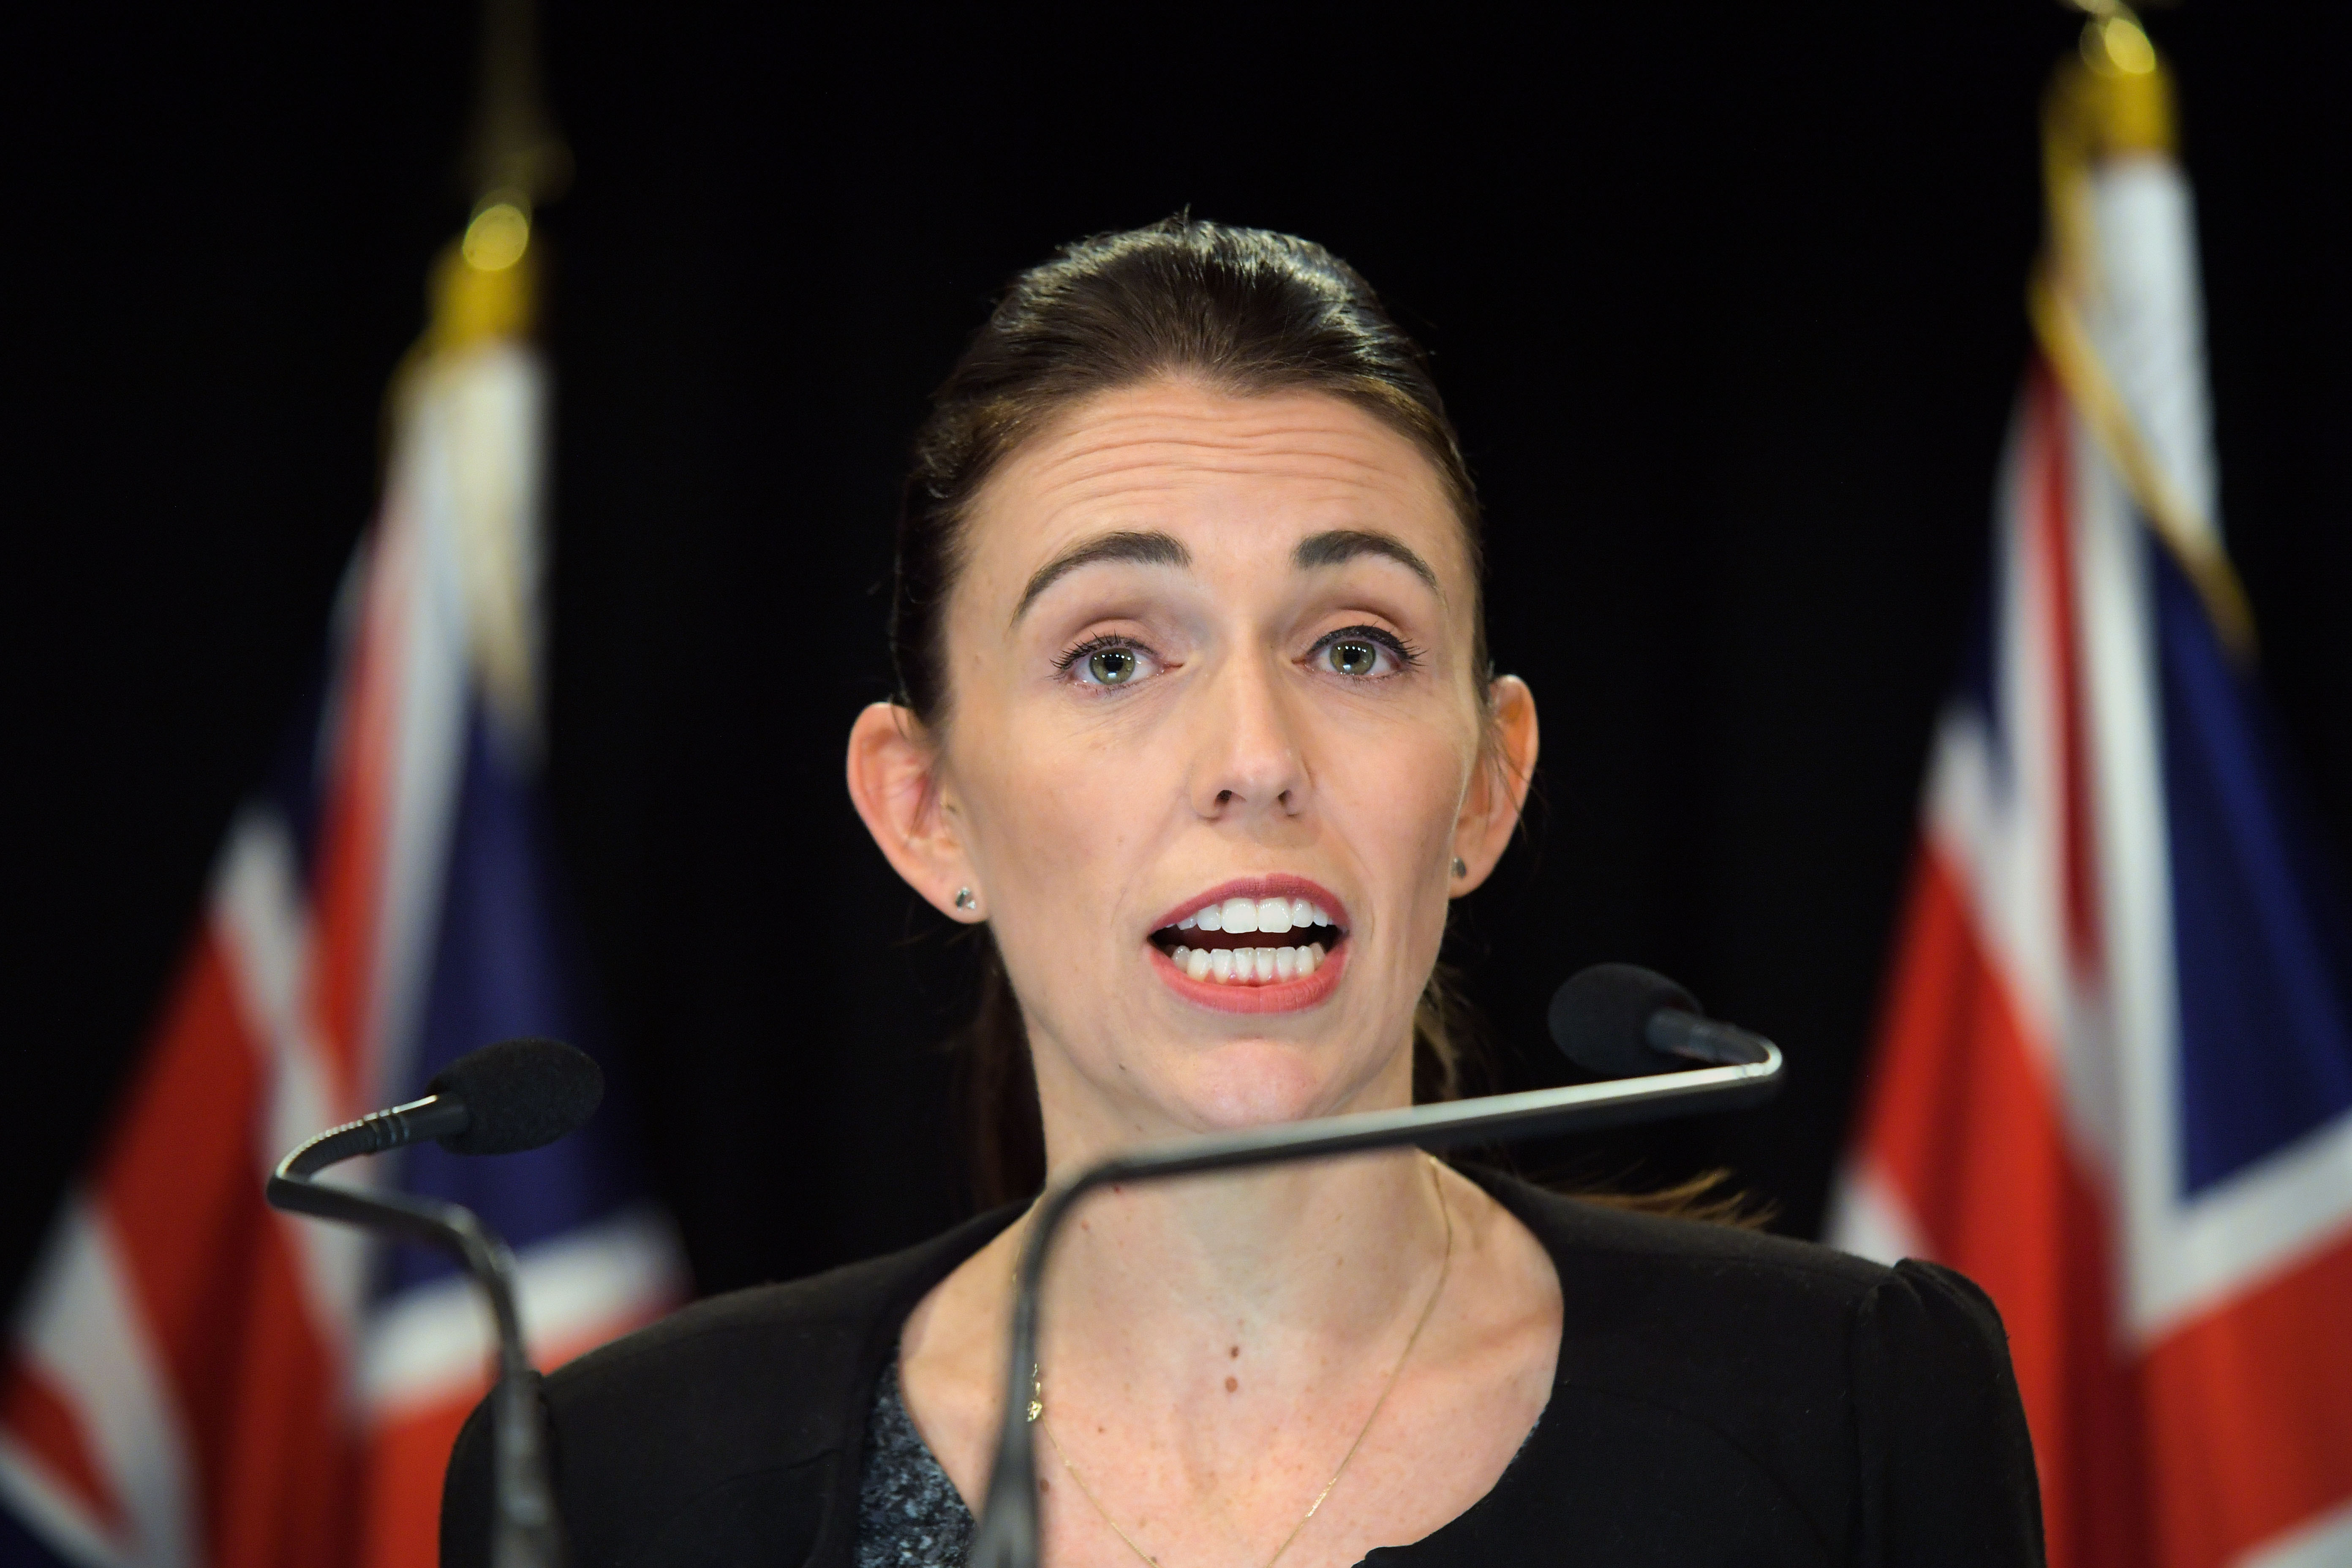 A négynapos munkahét mellett tette le a garast Új-Zéland miniszterelnöke